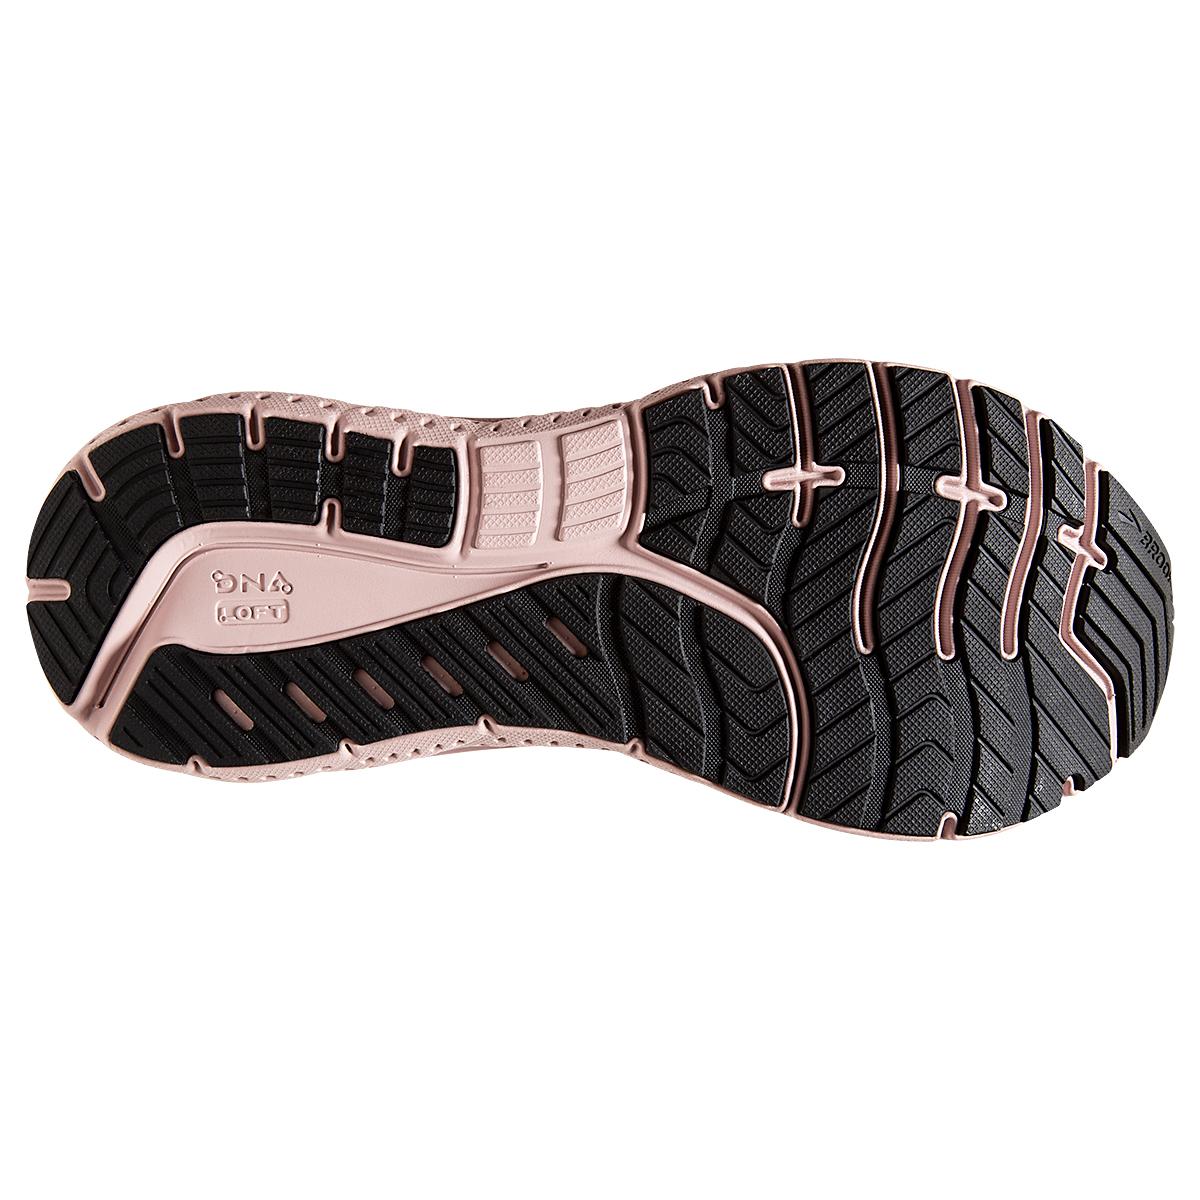 Women's Brooks Transcend 7 Running Shoe - Color: Grey/Black/Hushed Pink - Size: 6 - Width: Regular, Grey/Black/Hushed Pink, large, image 3